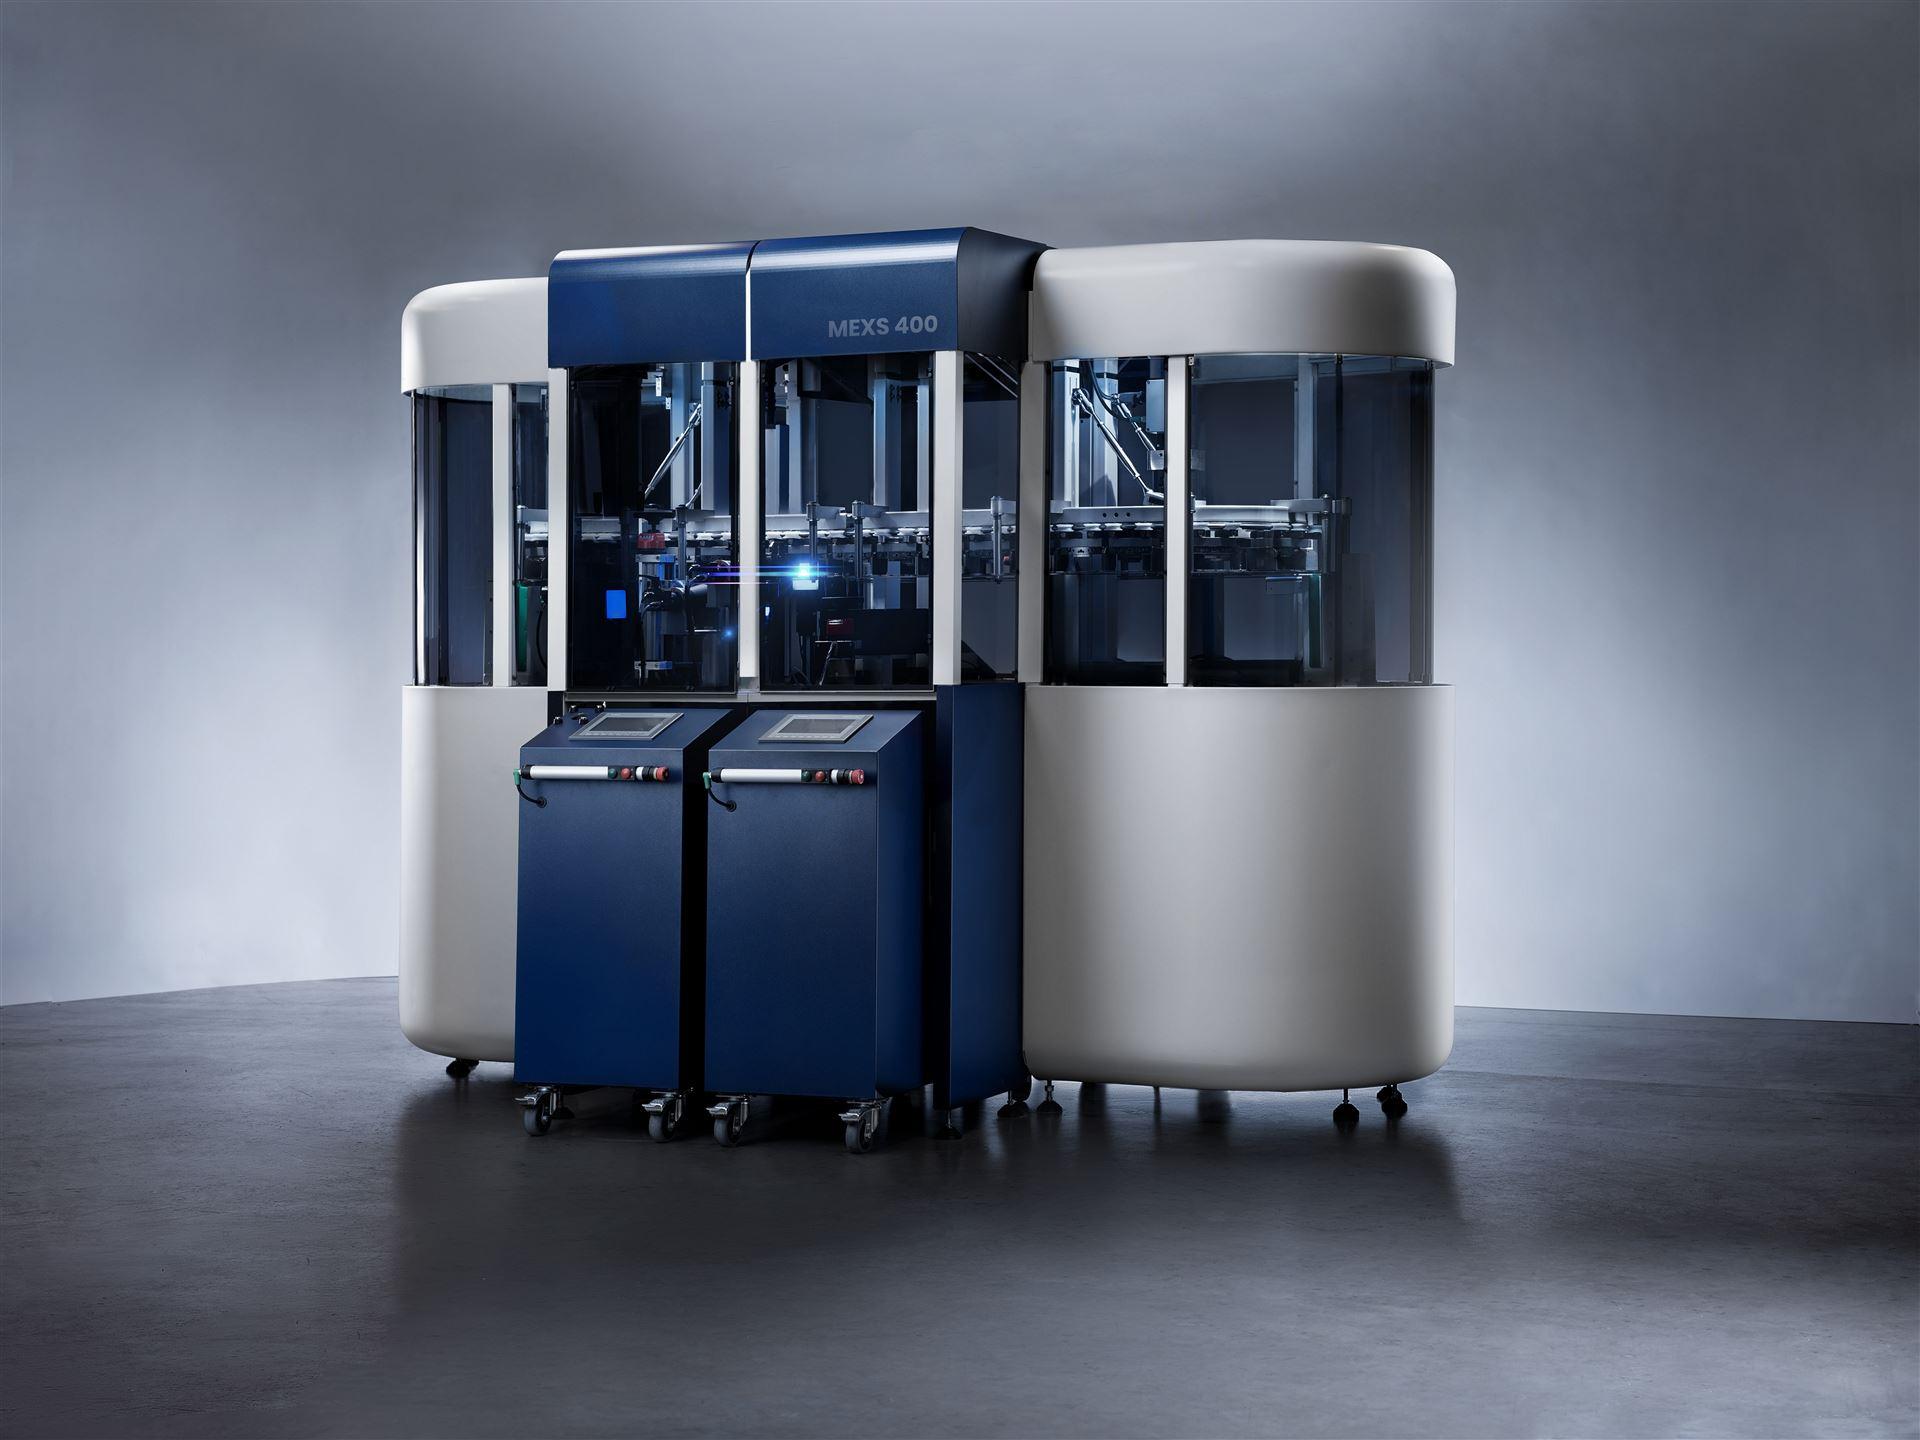 Weltneuheit MEXS 400: LAW NDT präsentiert die erste modulare Prüfanlage zur 100%-Qualitätssicherung